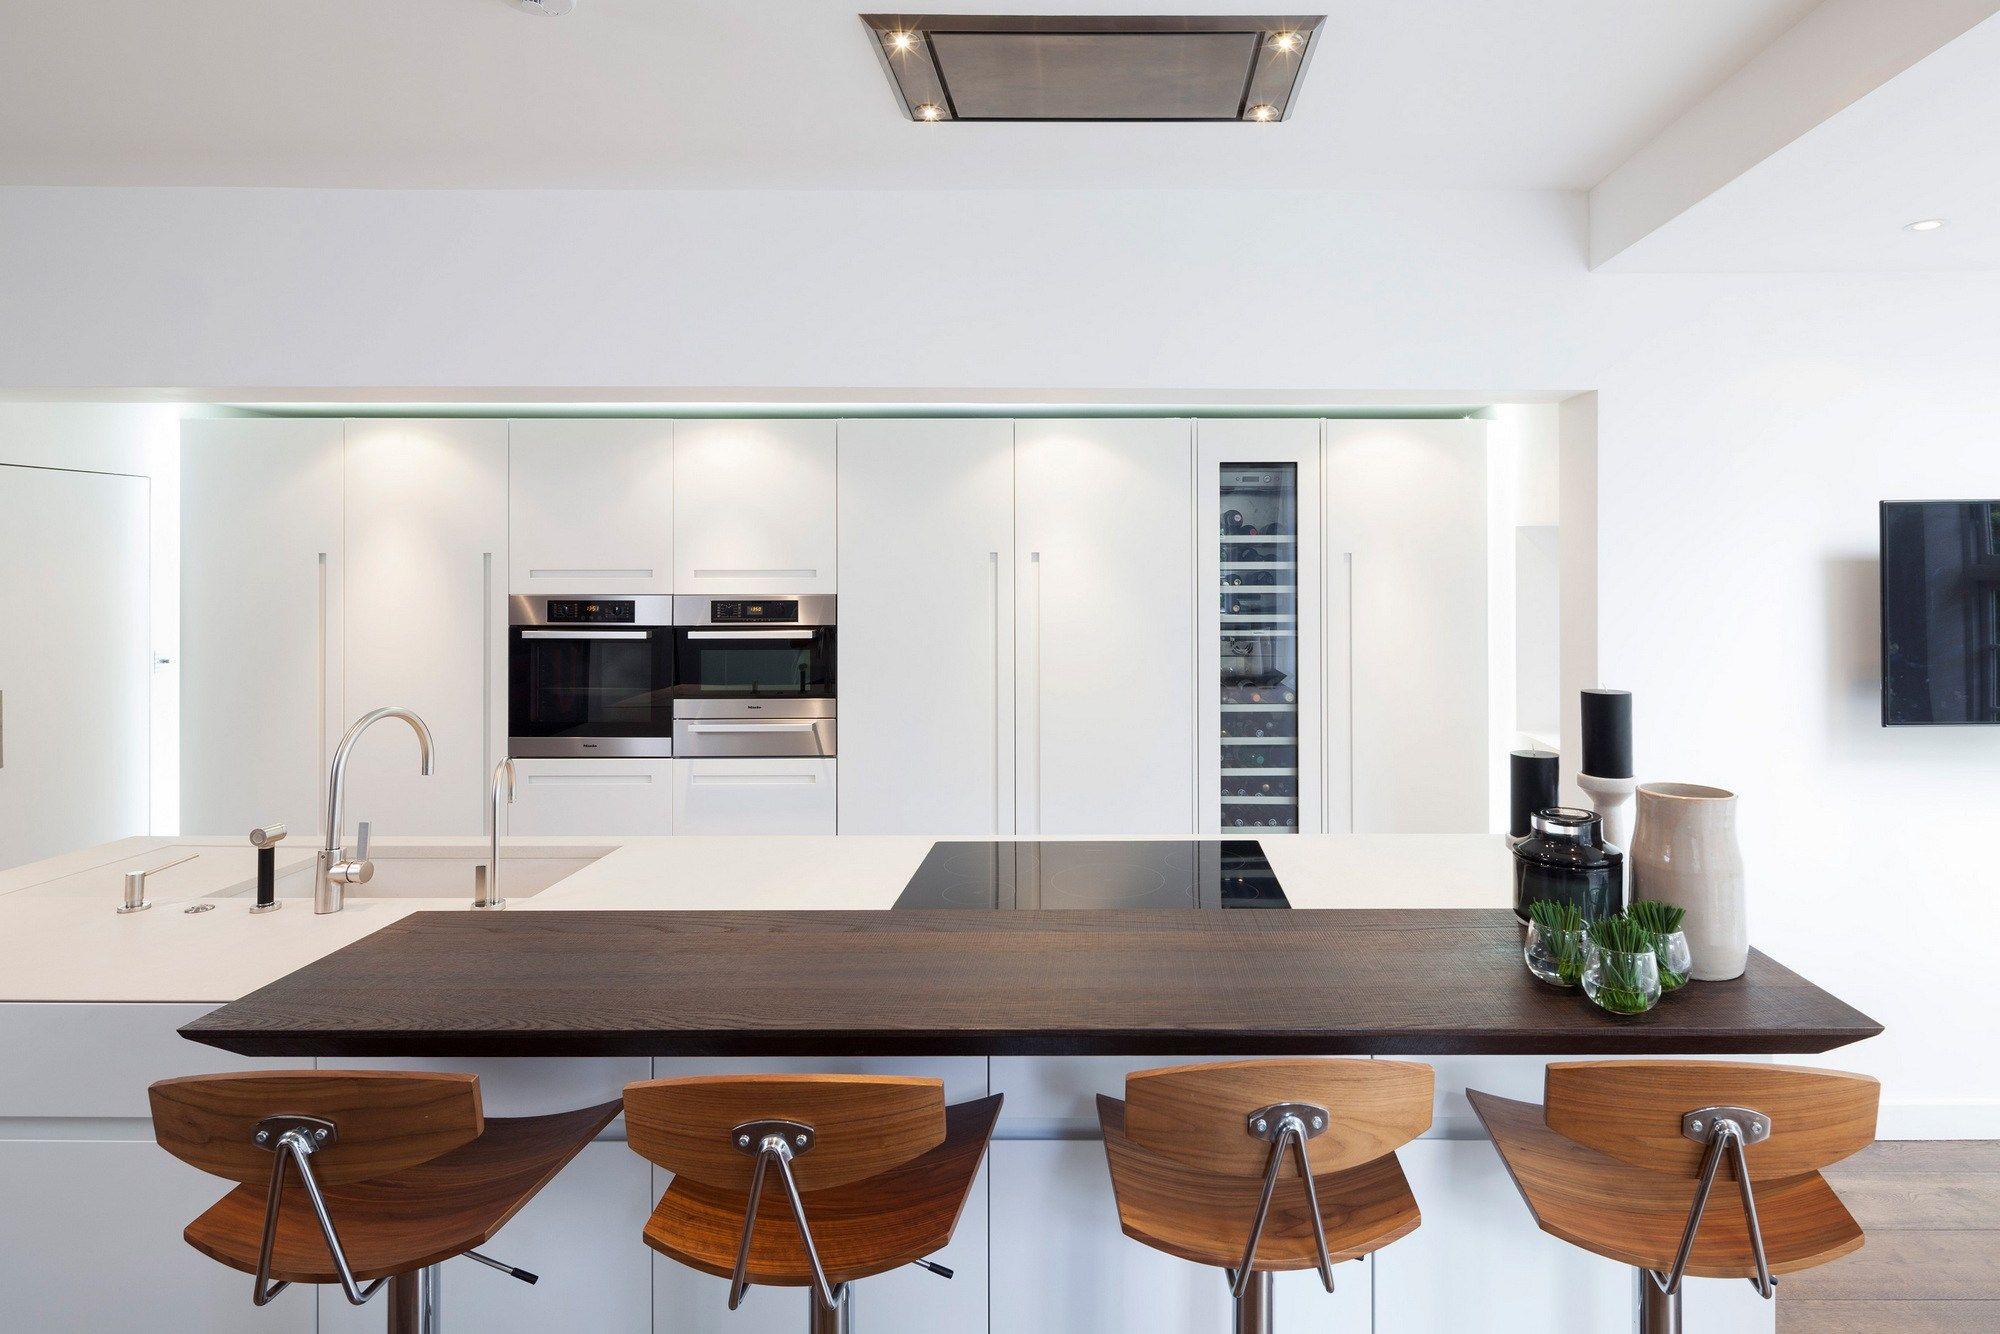 Immagini cucine con isola cucina moderna con penisola for Cucine pinterest